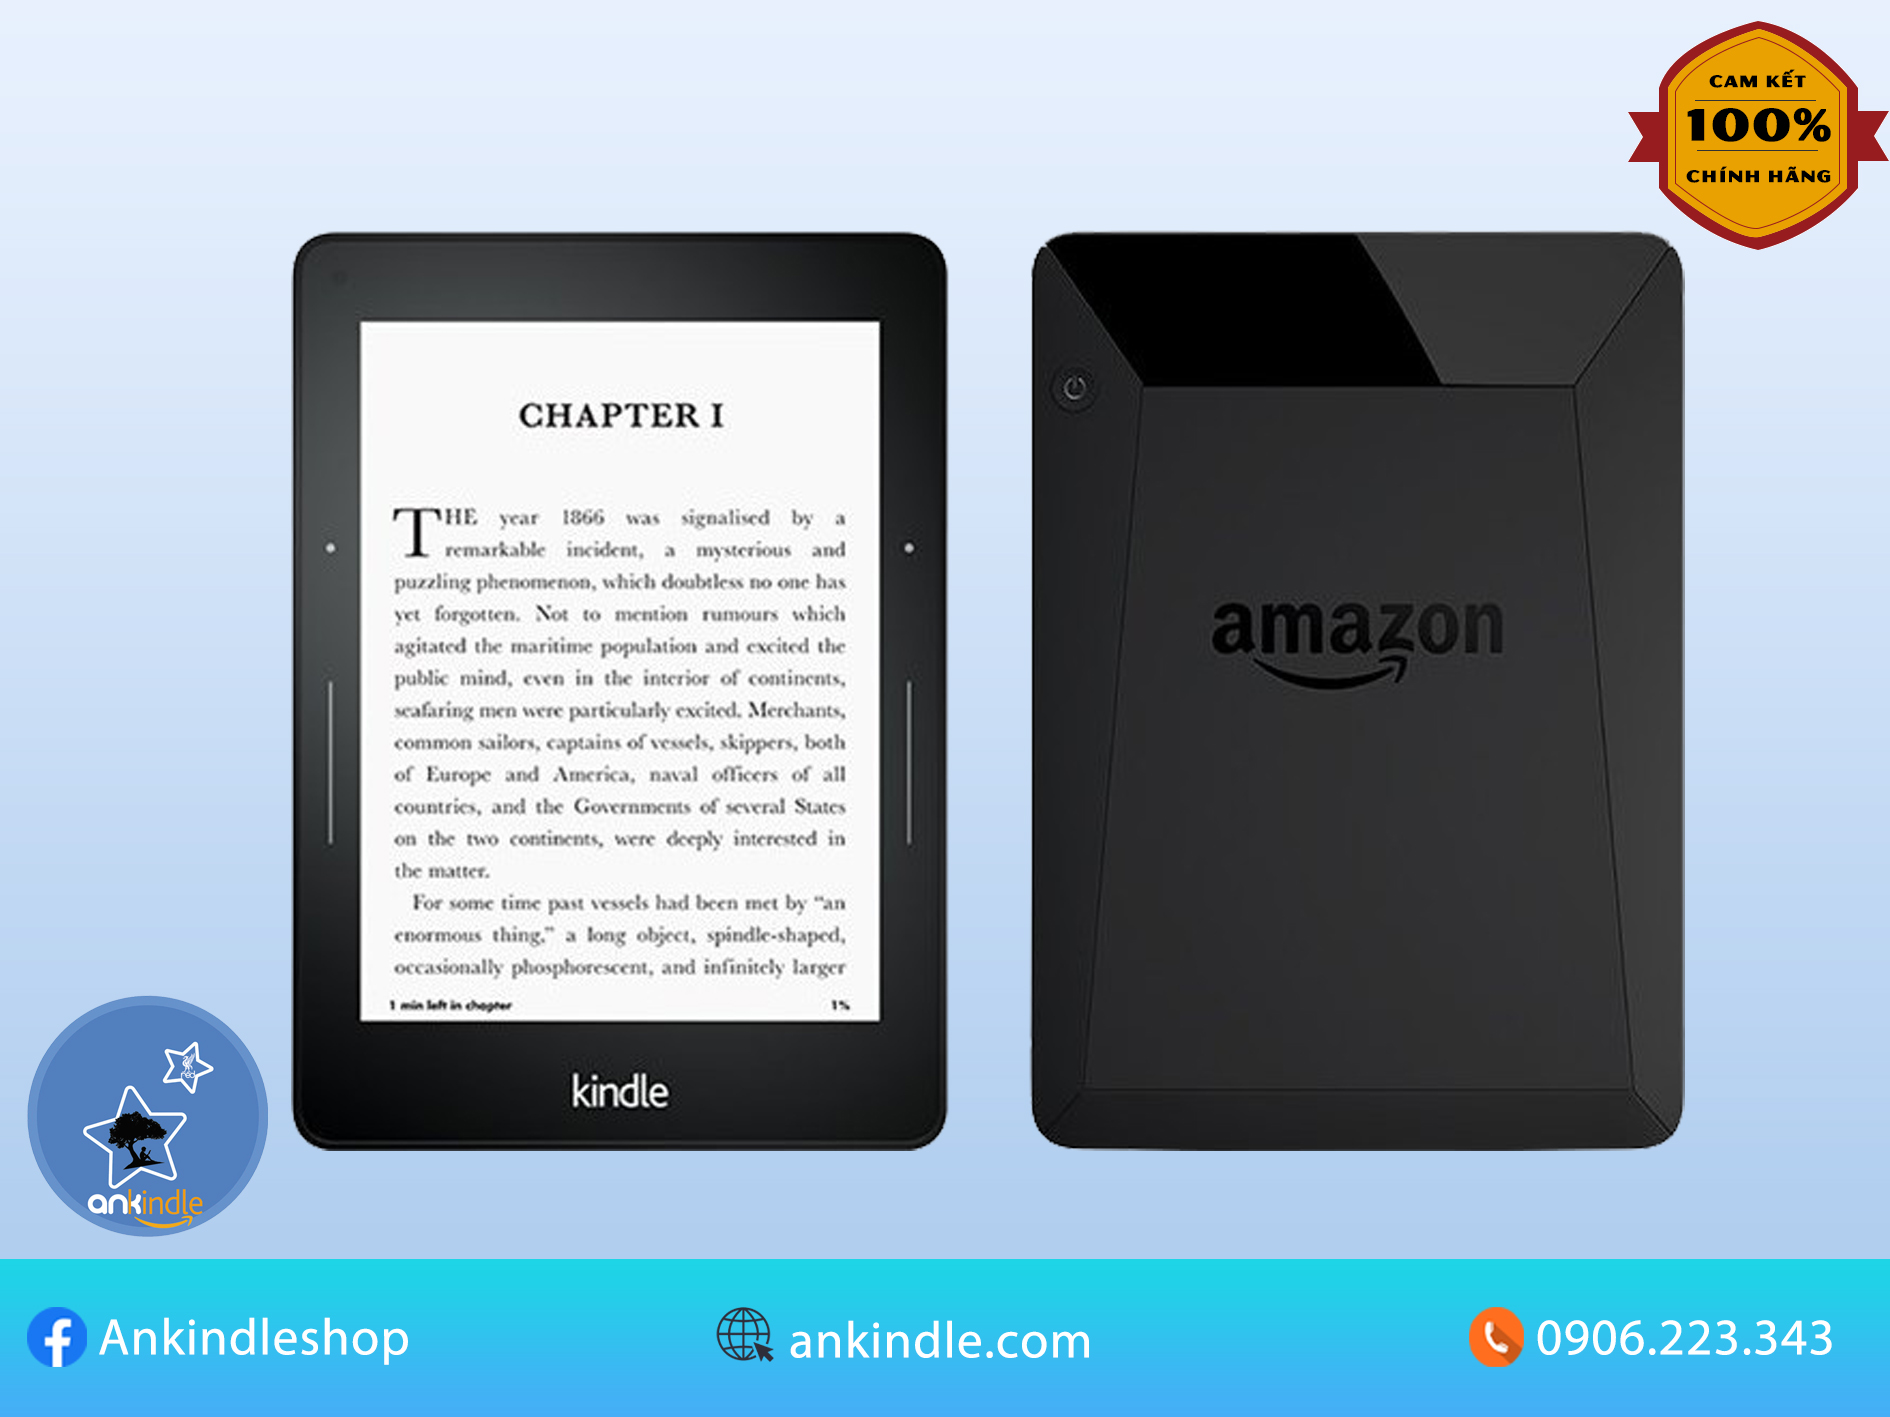 Máy đọc sách Kindle Voyage (7th) bộ nhớ 4GB, màn hình 6inch 300PPI sắc nét có đèn nền với phím...